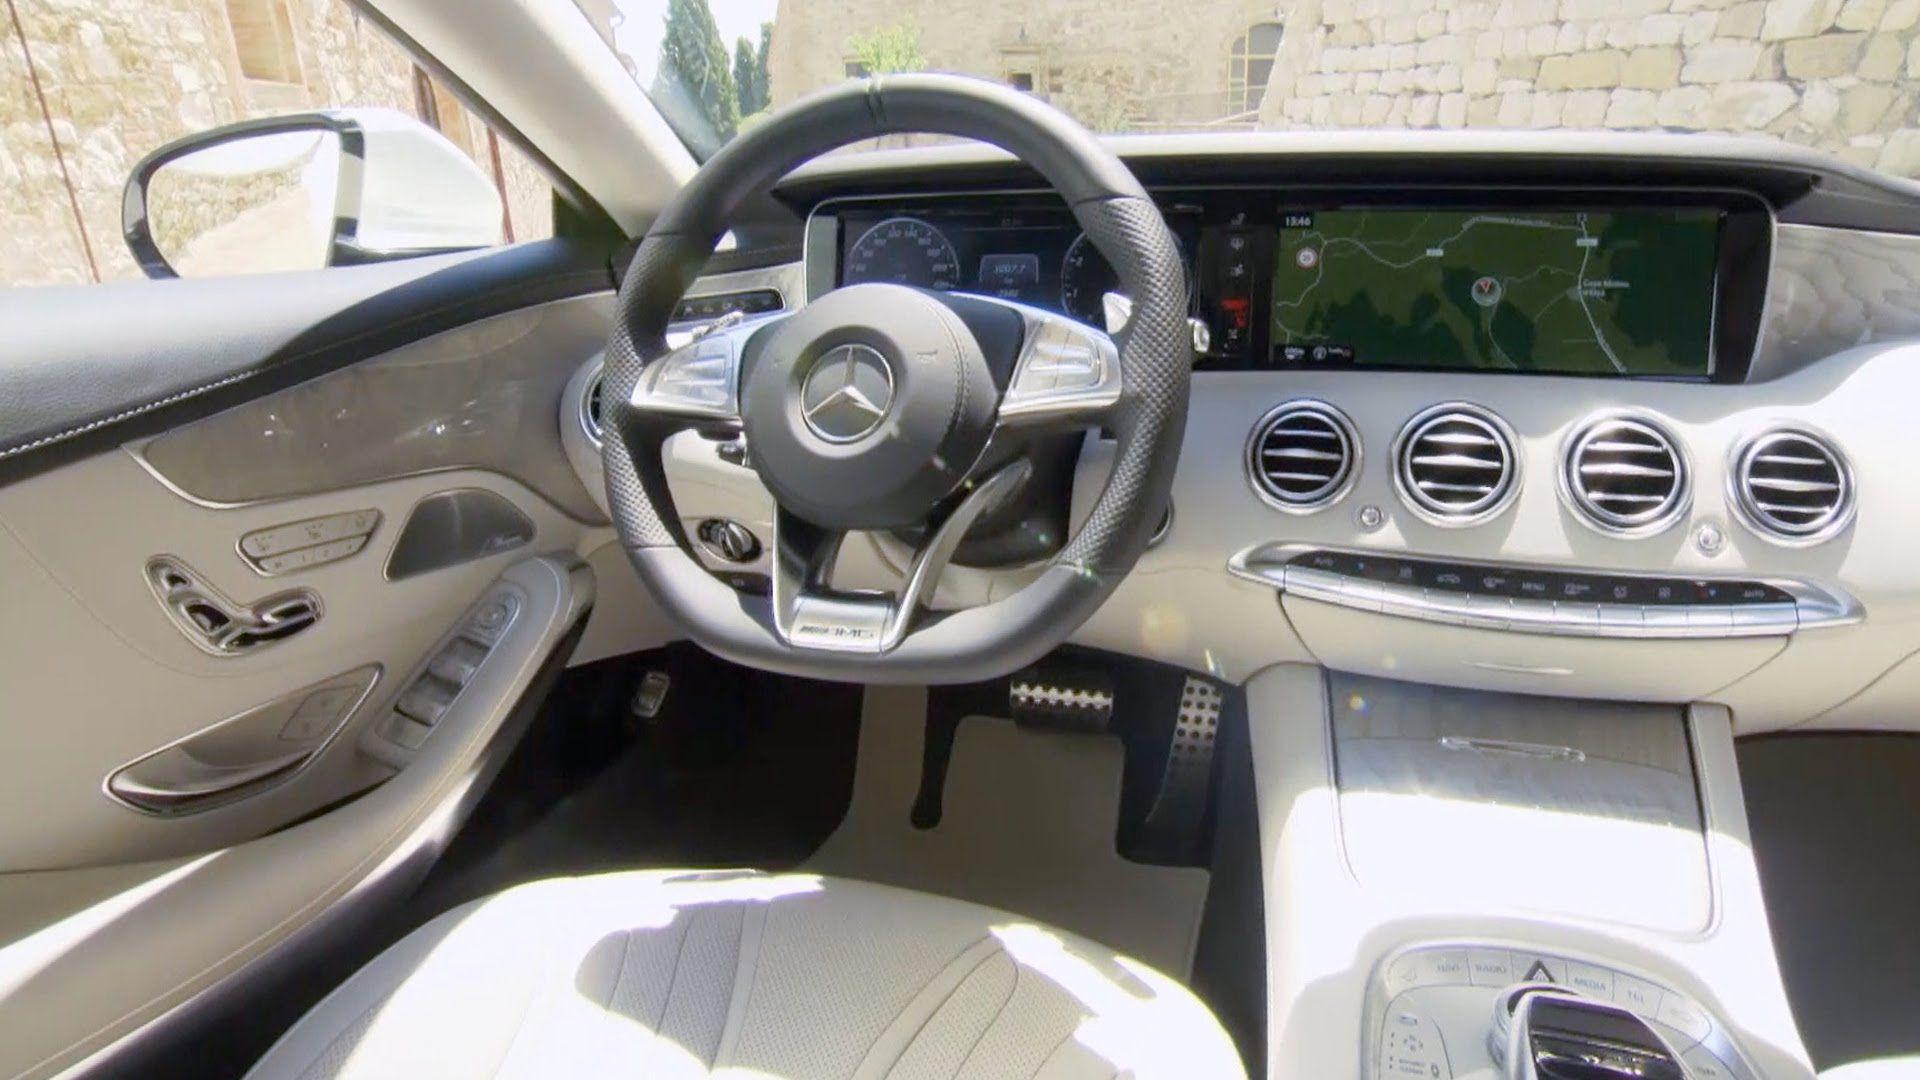 2015 Mercedes S Class Coupe Interior Designo Diamond White Bright